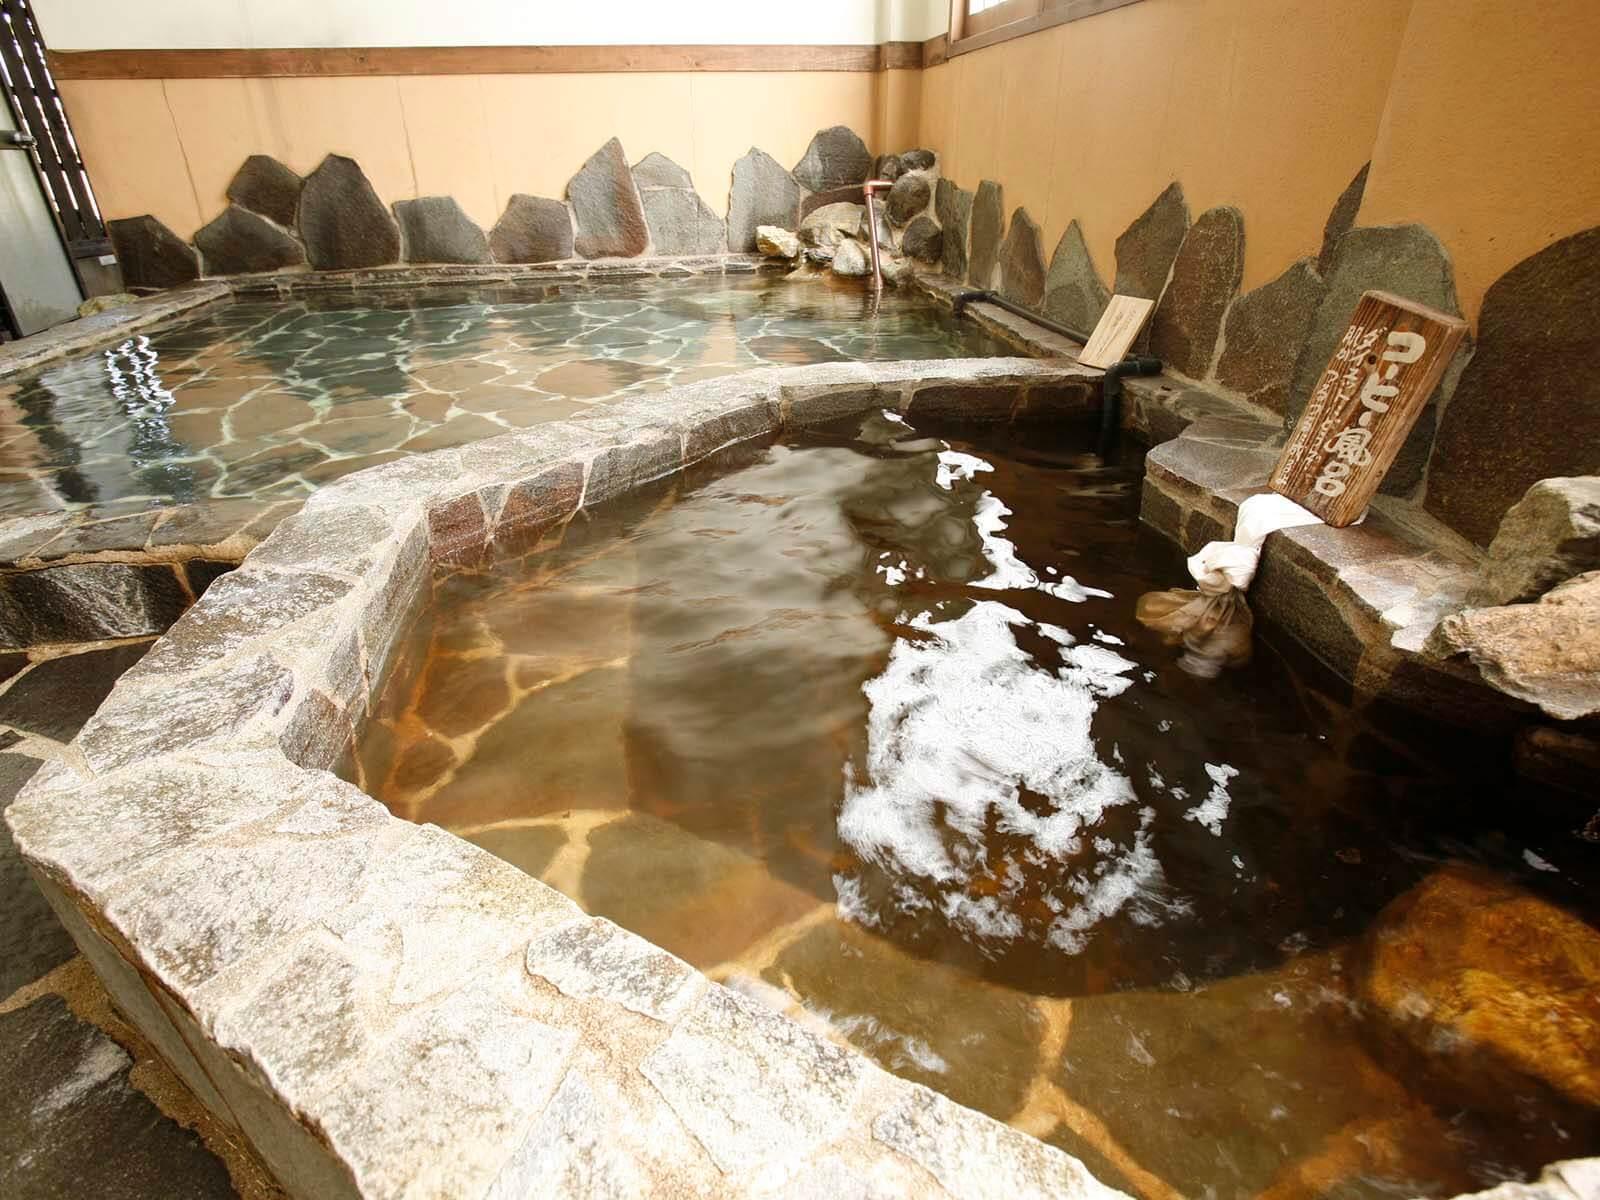 コスパが自慢!山鹿・平山の温泉旅館